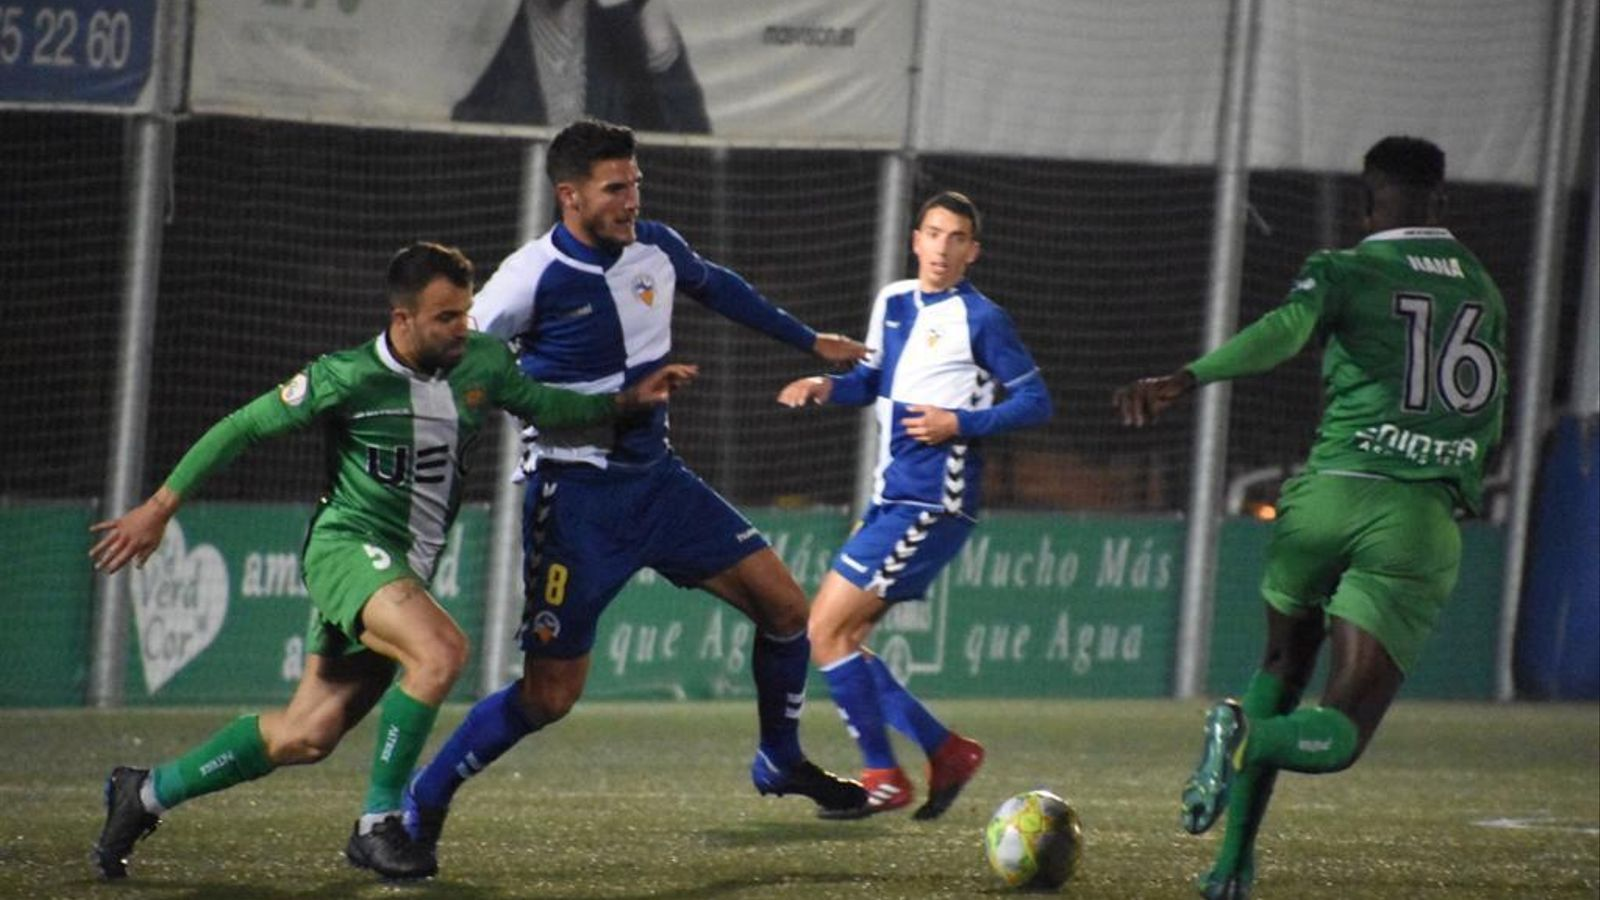 Barça B - Valladolid B, Sabadell - Atlètic de Madrid B i Cornellà - Eivissa, al 'play-off' d'ascens a Segona